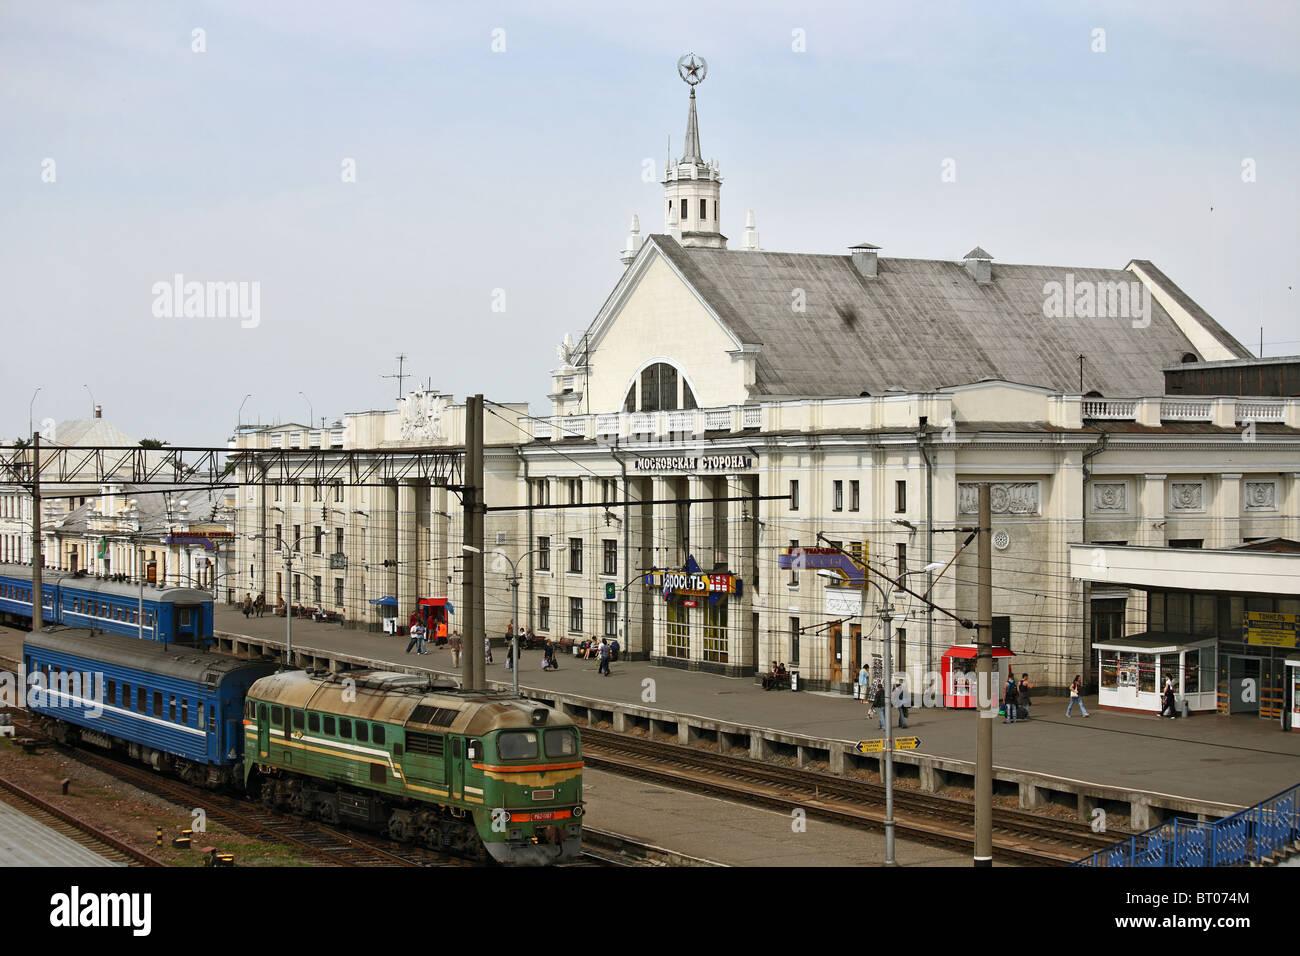 Brest Central Railway Station, Brest, Belarus - Stock Image